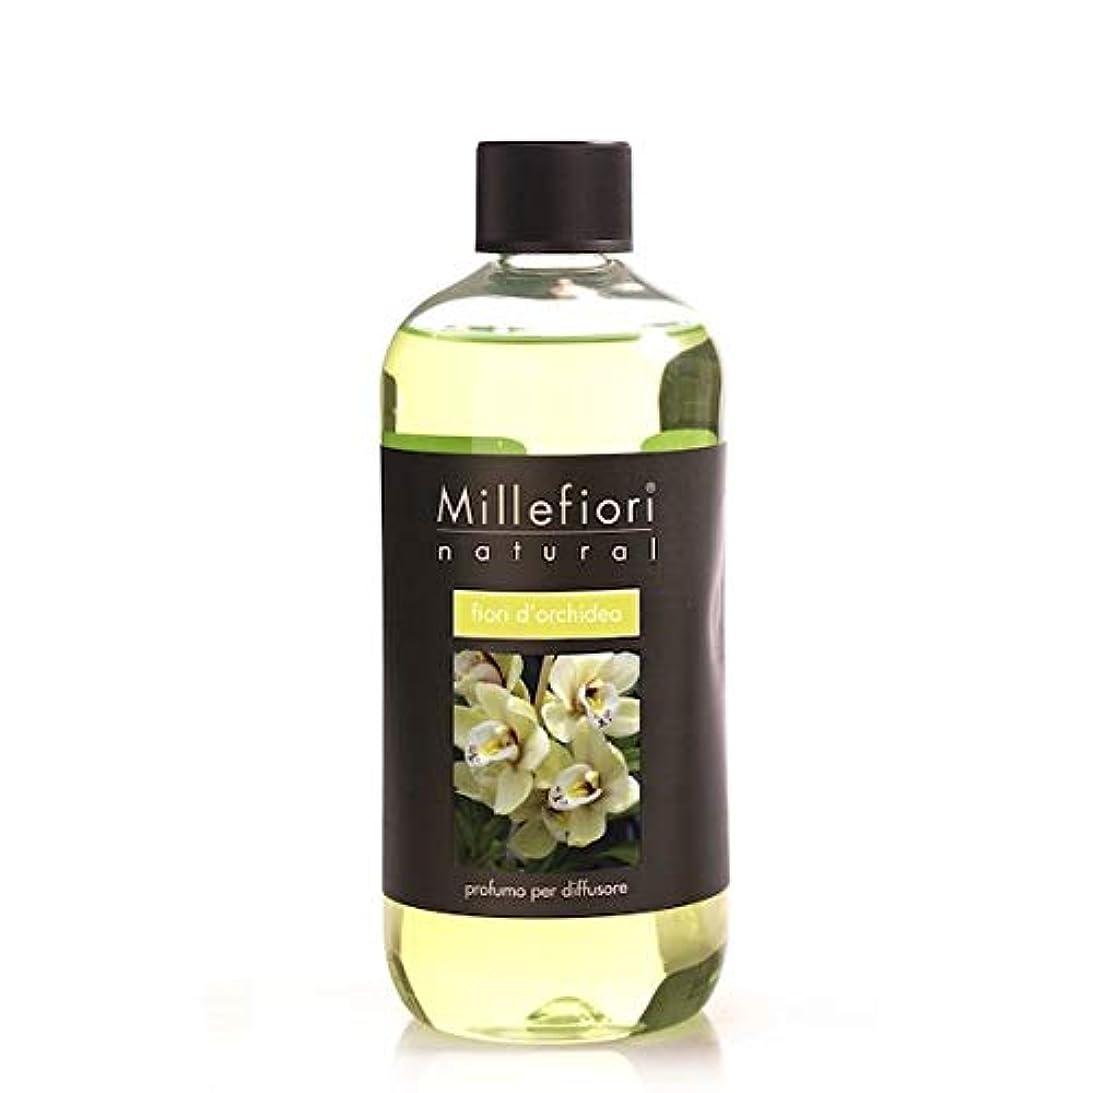 爆弾スラム血統ミッレフィオーリ(Millefiori) Natural オーキッド(FIORI DI ORCHIDEA) 交換用リフィル500ml [並行輸入品]